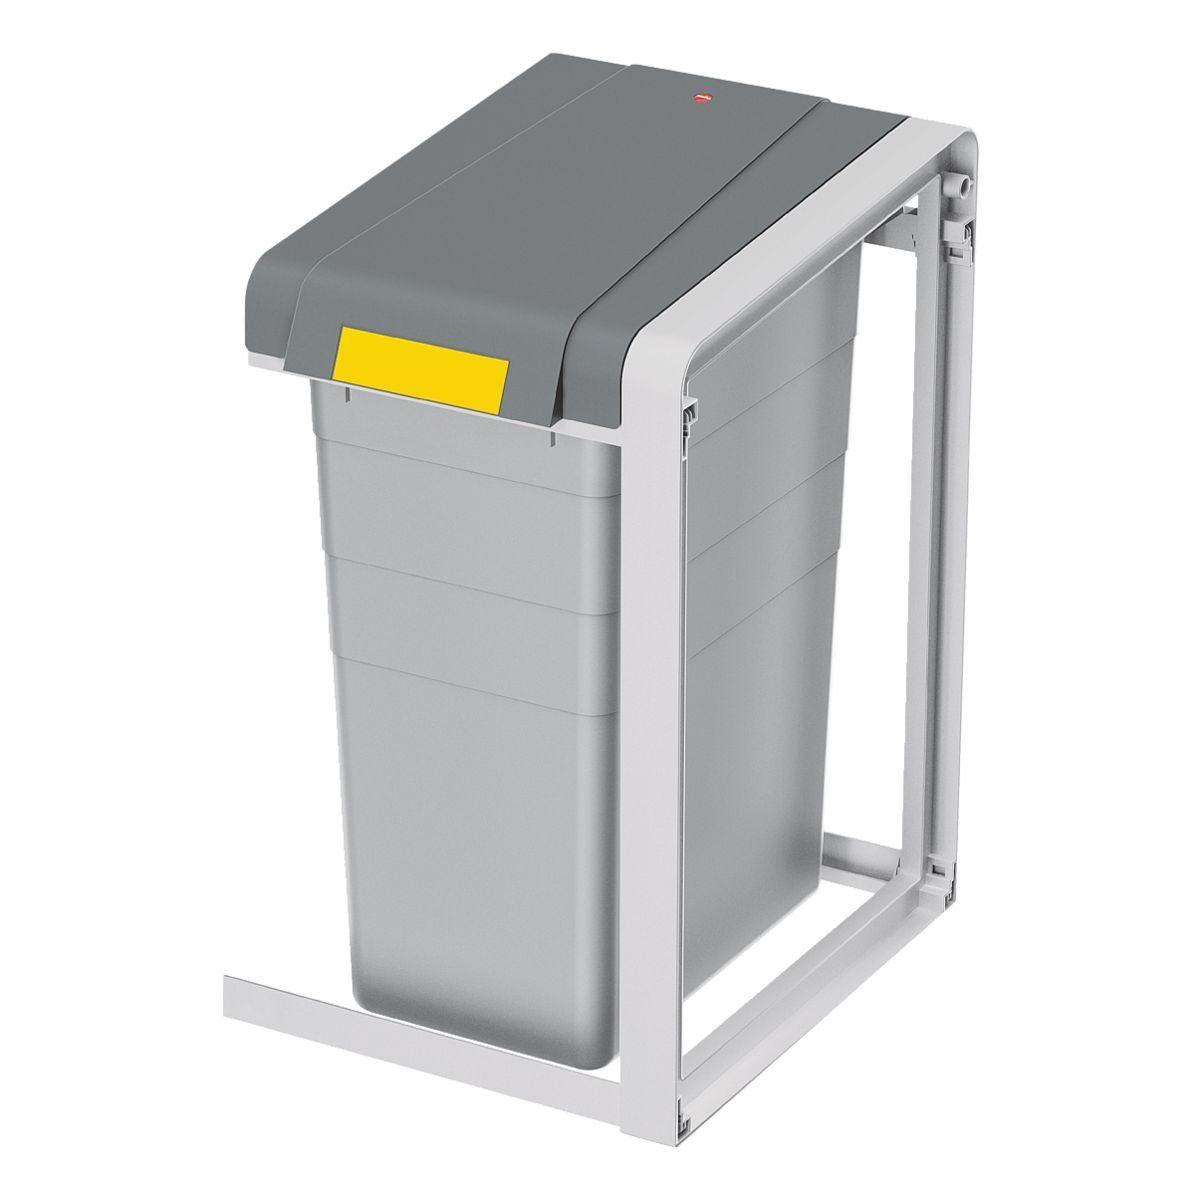 Hailo Anbauelement für Abfalltrenner »ProfiLine«